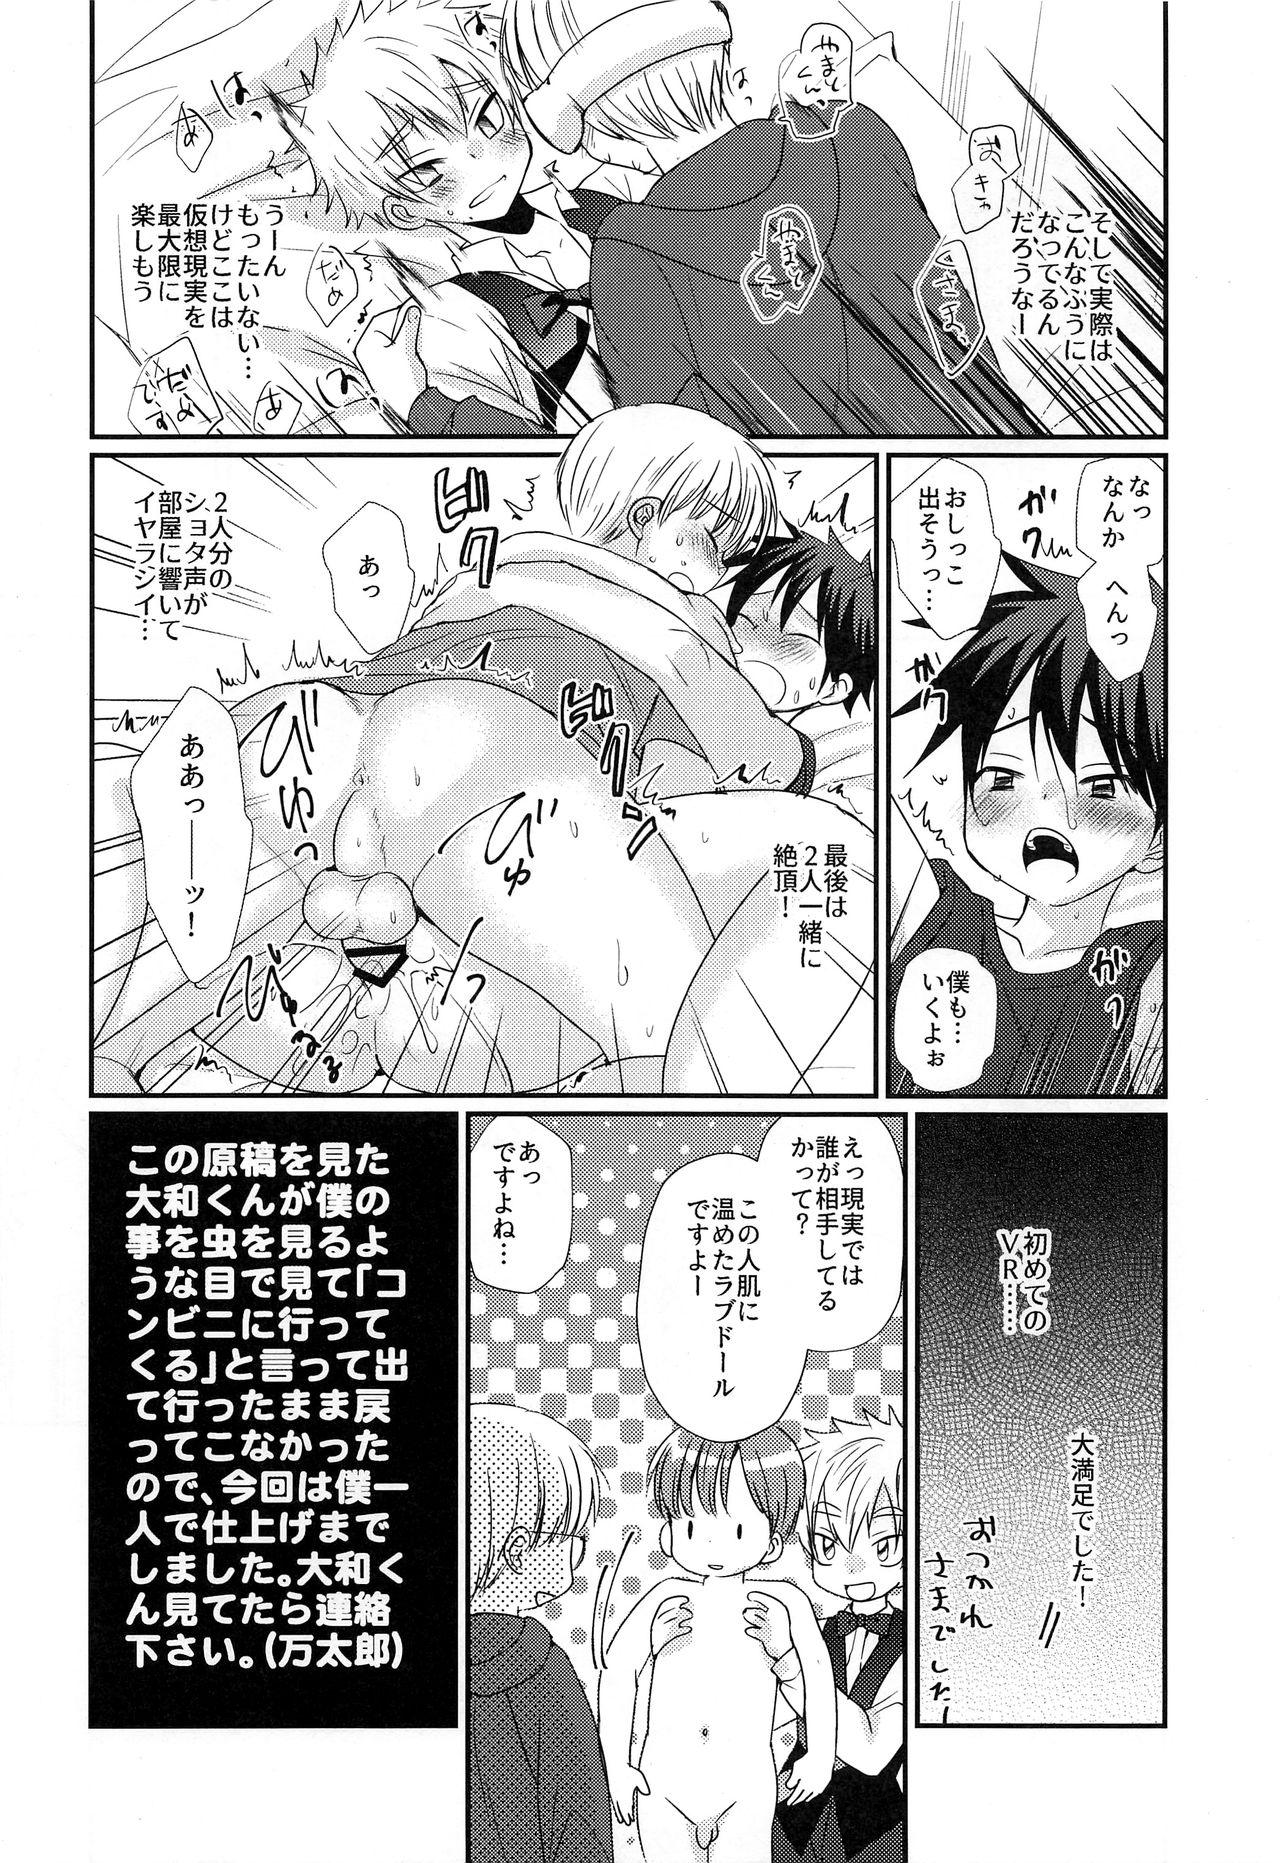 Tokumori! Shota Fuuzoku Saizensen 29